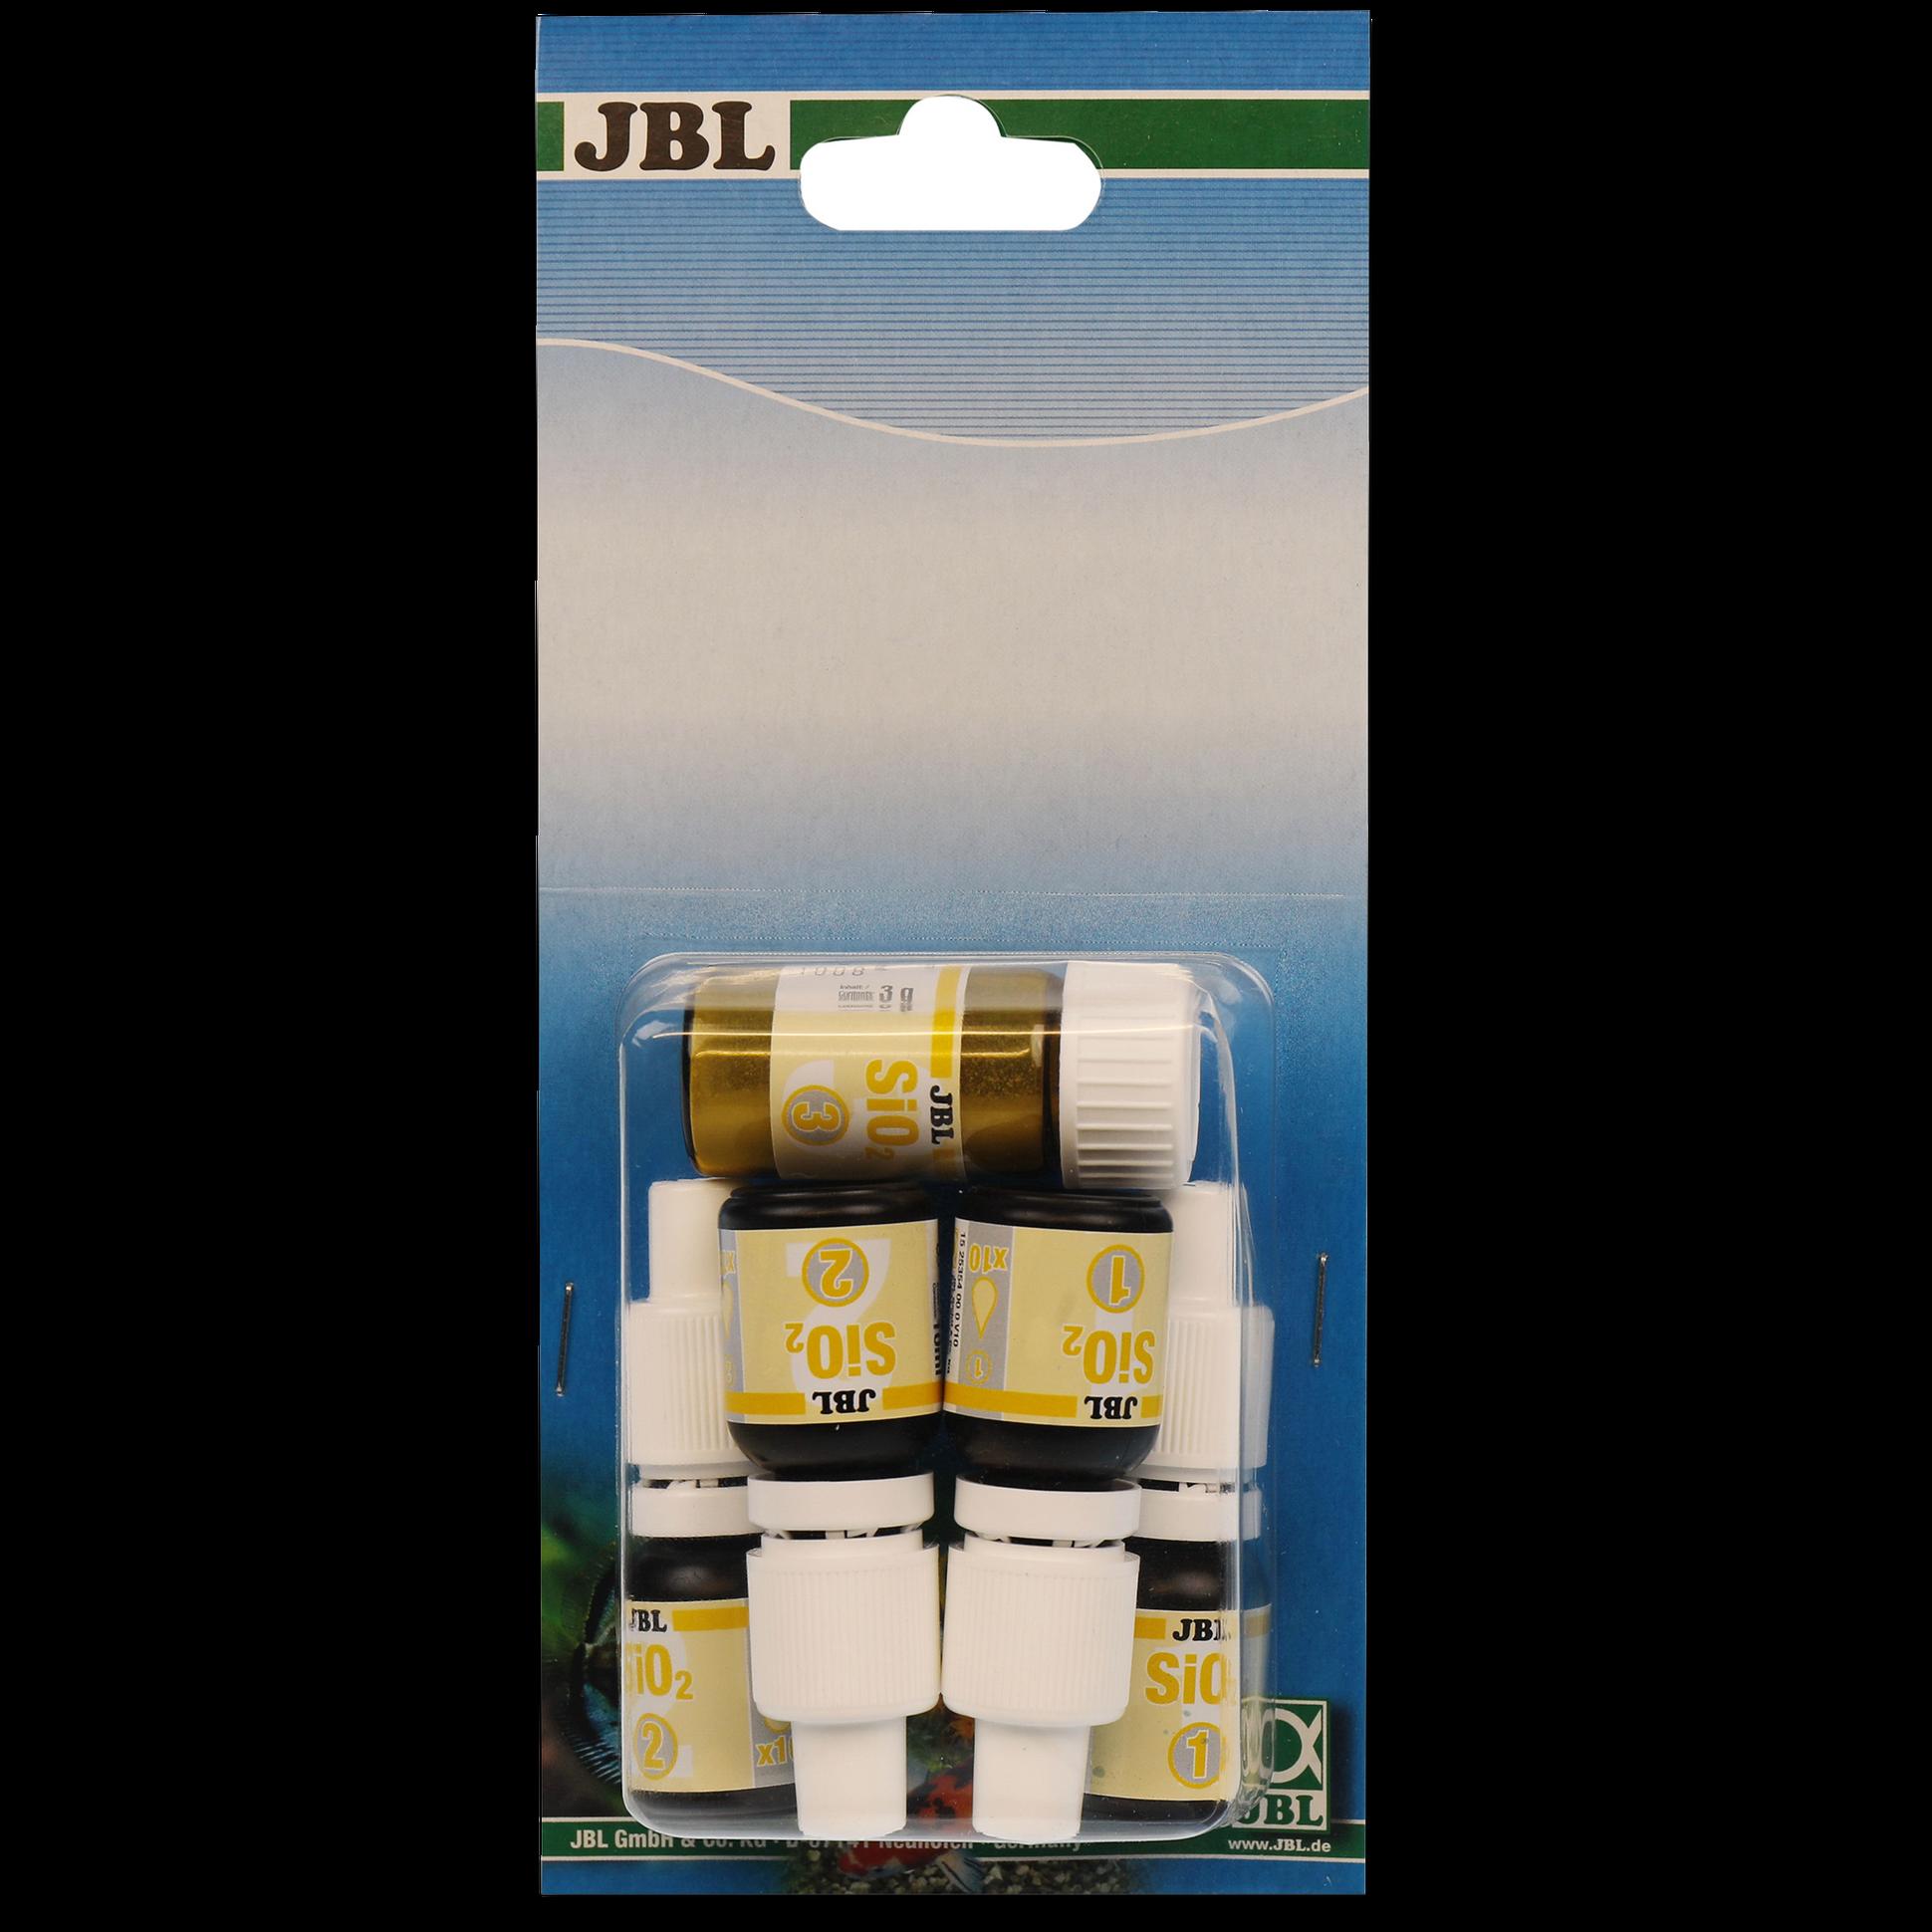 www.jbl.de